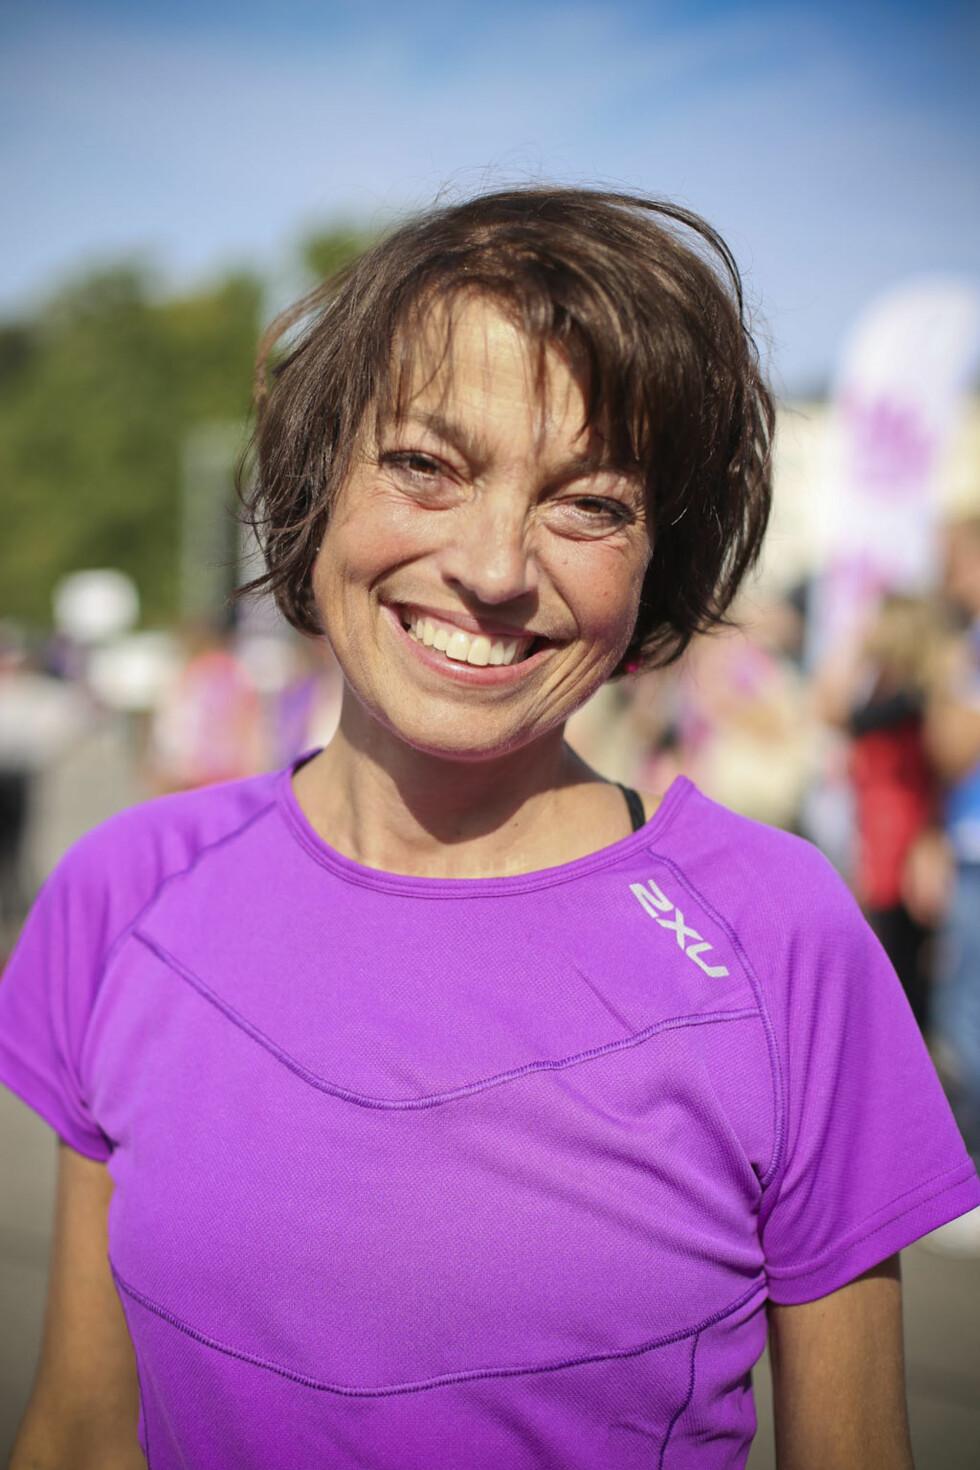 ORGANTRANSPLANTASJON: Det er kort tid siden Inger-Hèlen Hjemvoll fikk transplantert nytt hjerte og nyre. I dag fullførte hun KK-milas 5 km.  Foto: Vilde Borse